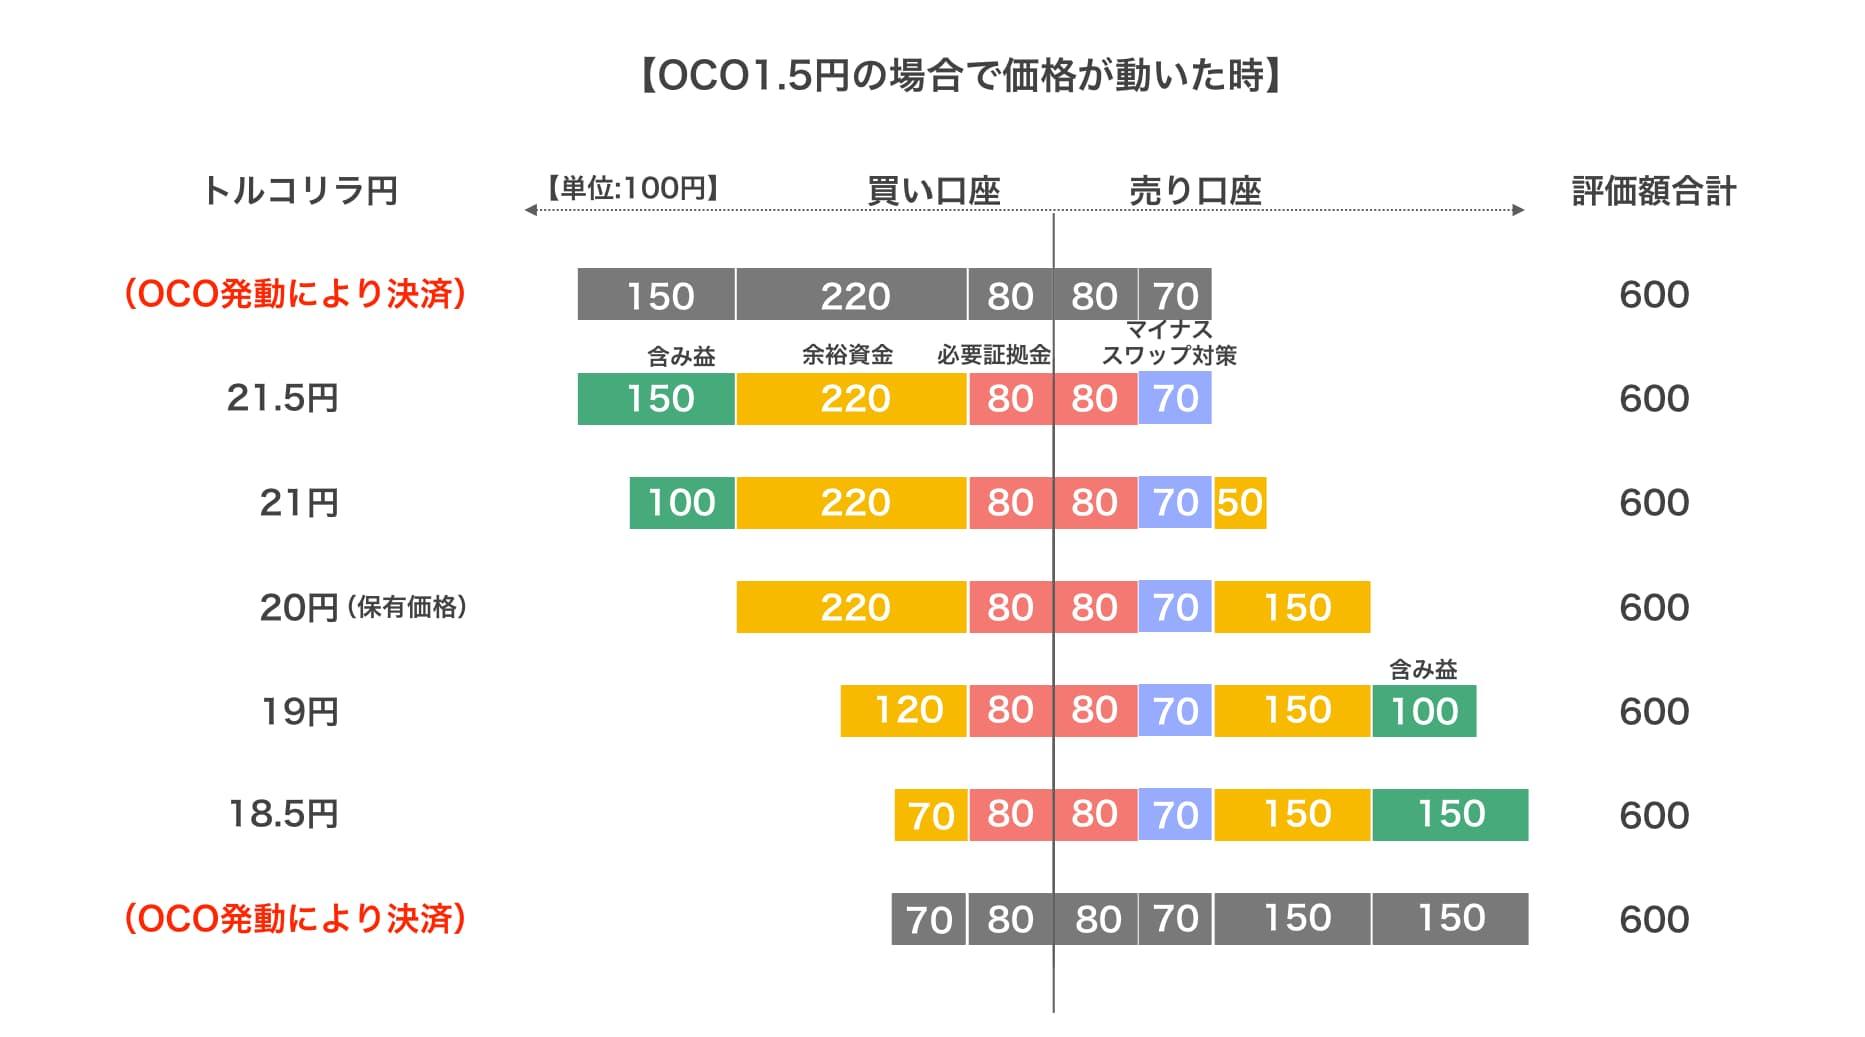 サヤ取りプランOCO1.5